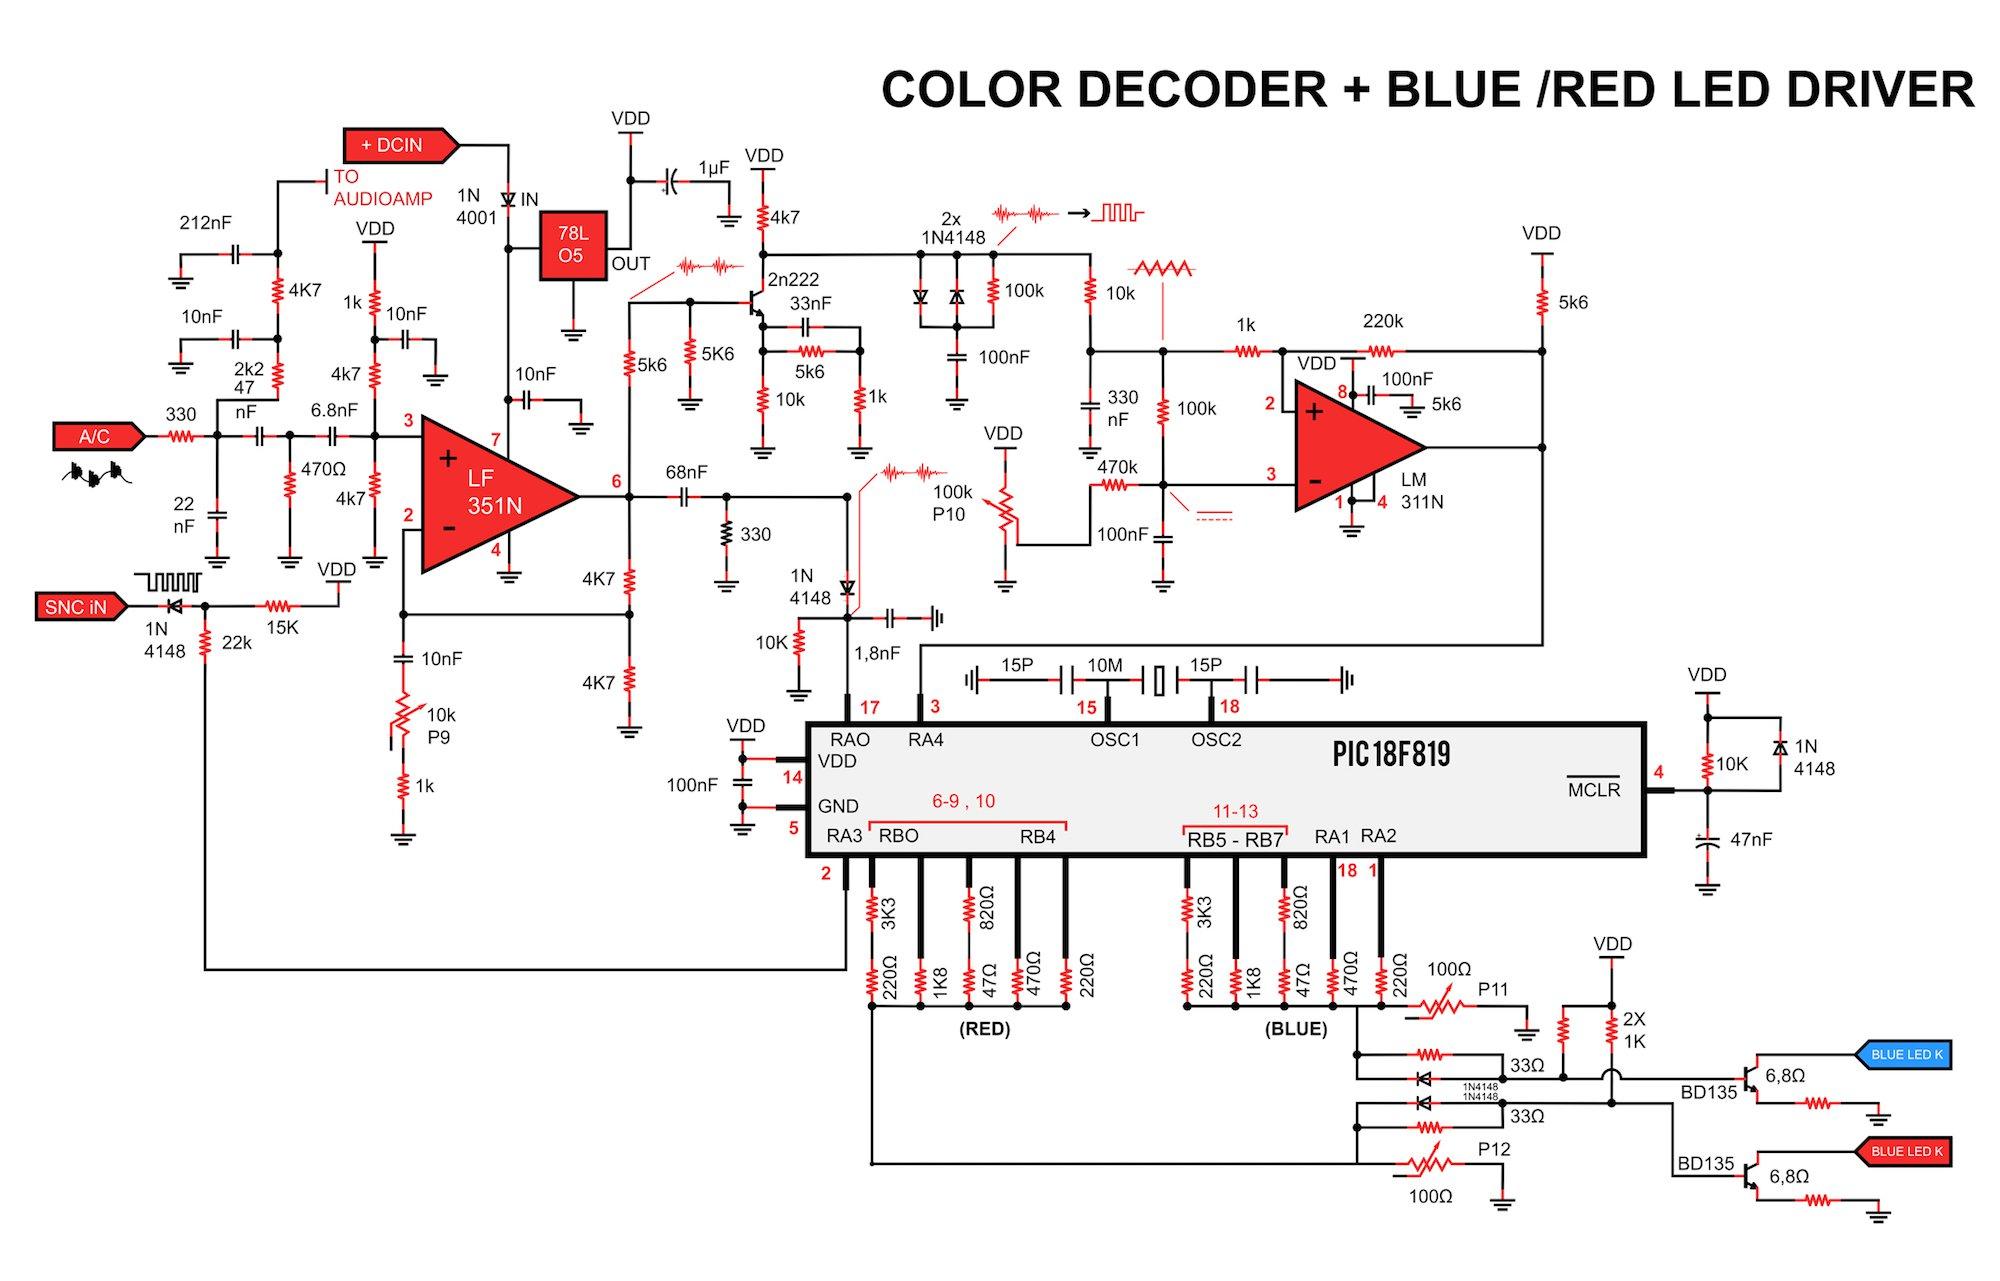 DIY-57Colordecoder_schem.jpg